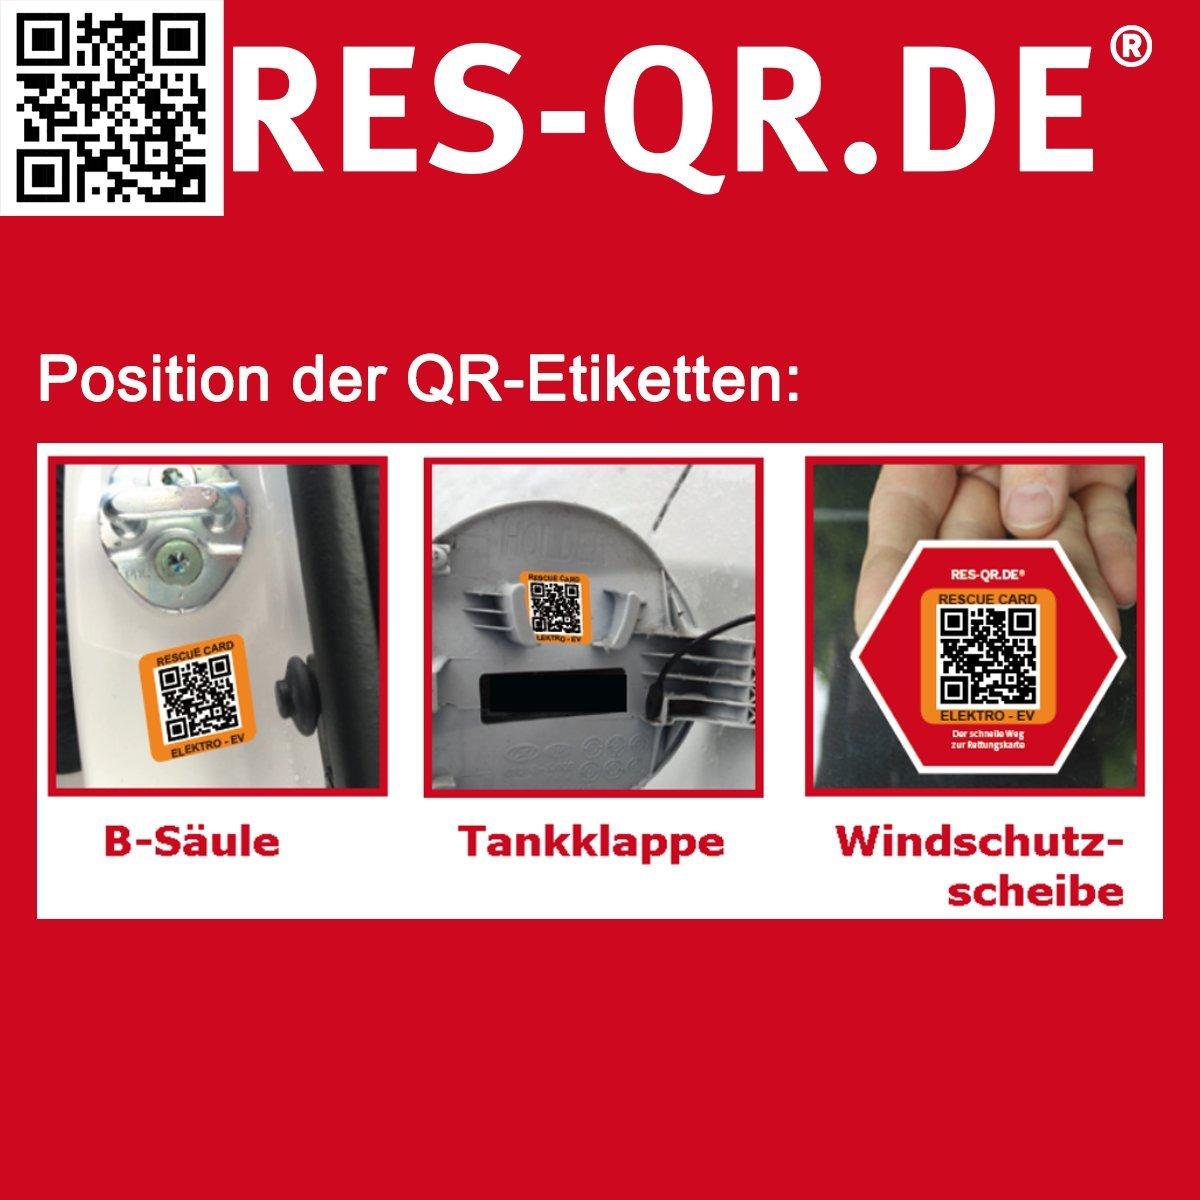 3 Etiketten plus Hinweisplakette Dacia Sandero Typ SD ab 2012 QR-Etiketten-Nachr/üst-Satz f/ür Zugang zur digitalen Rettungskarte